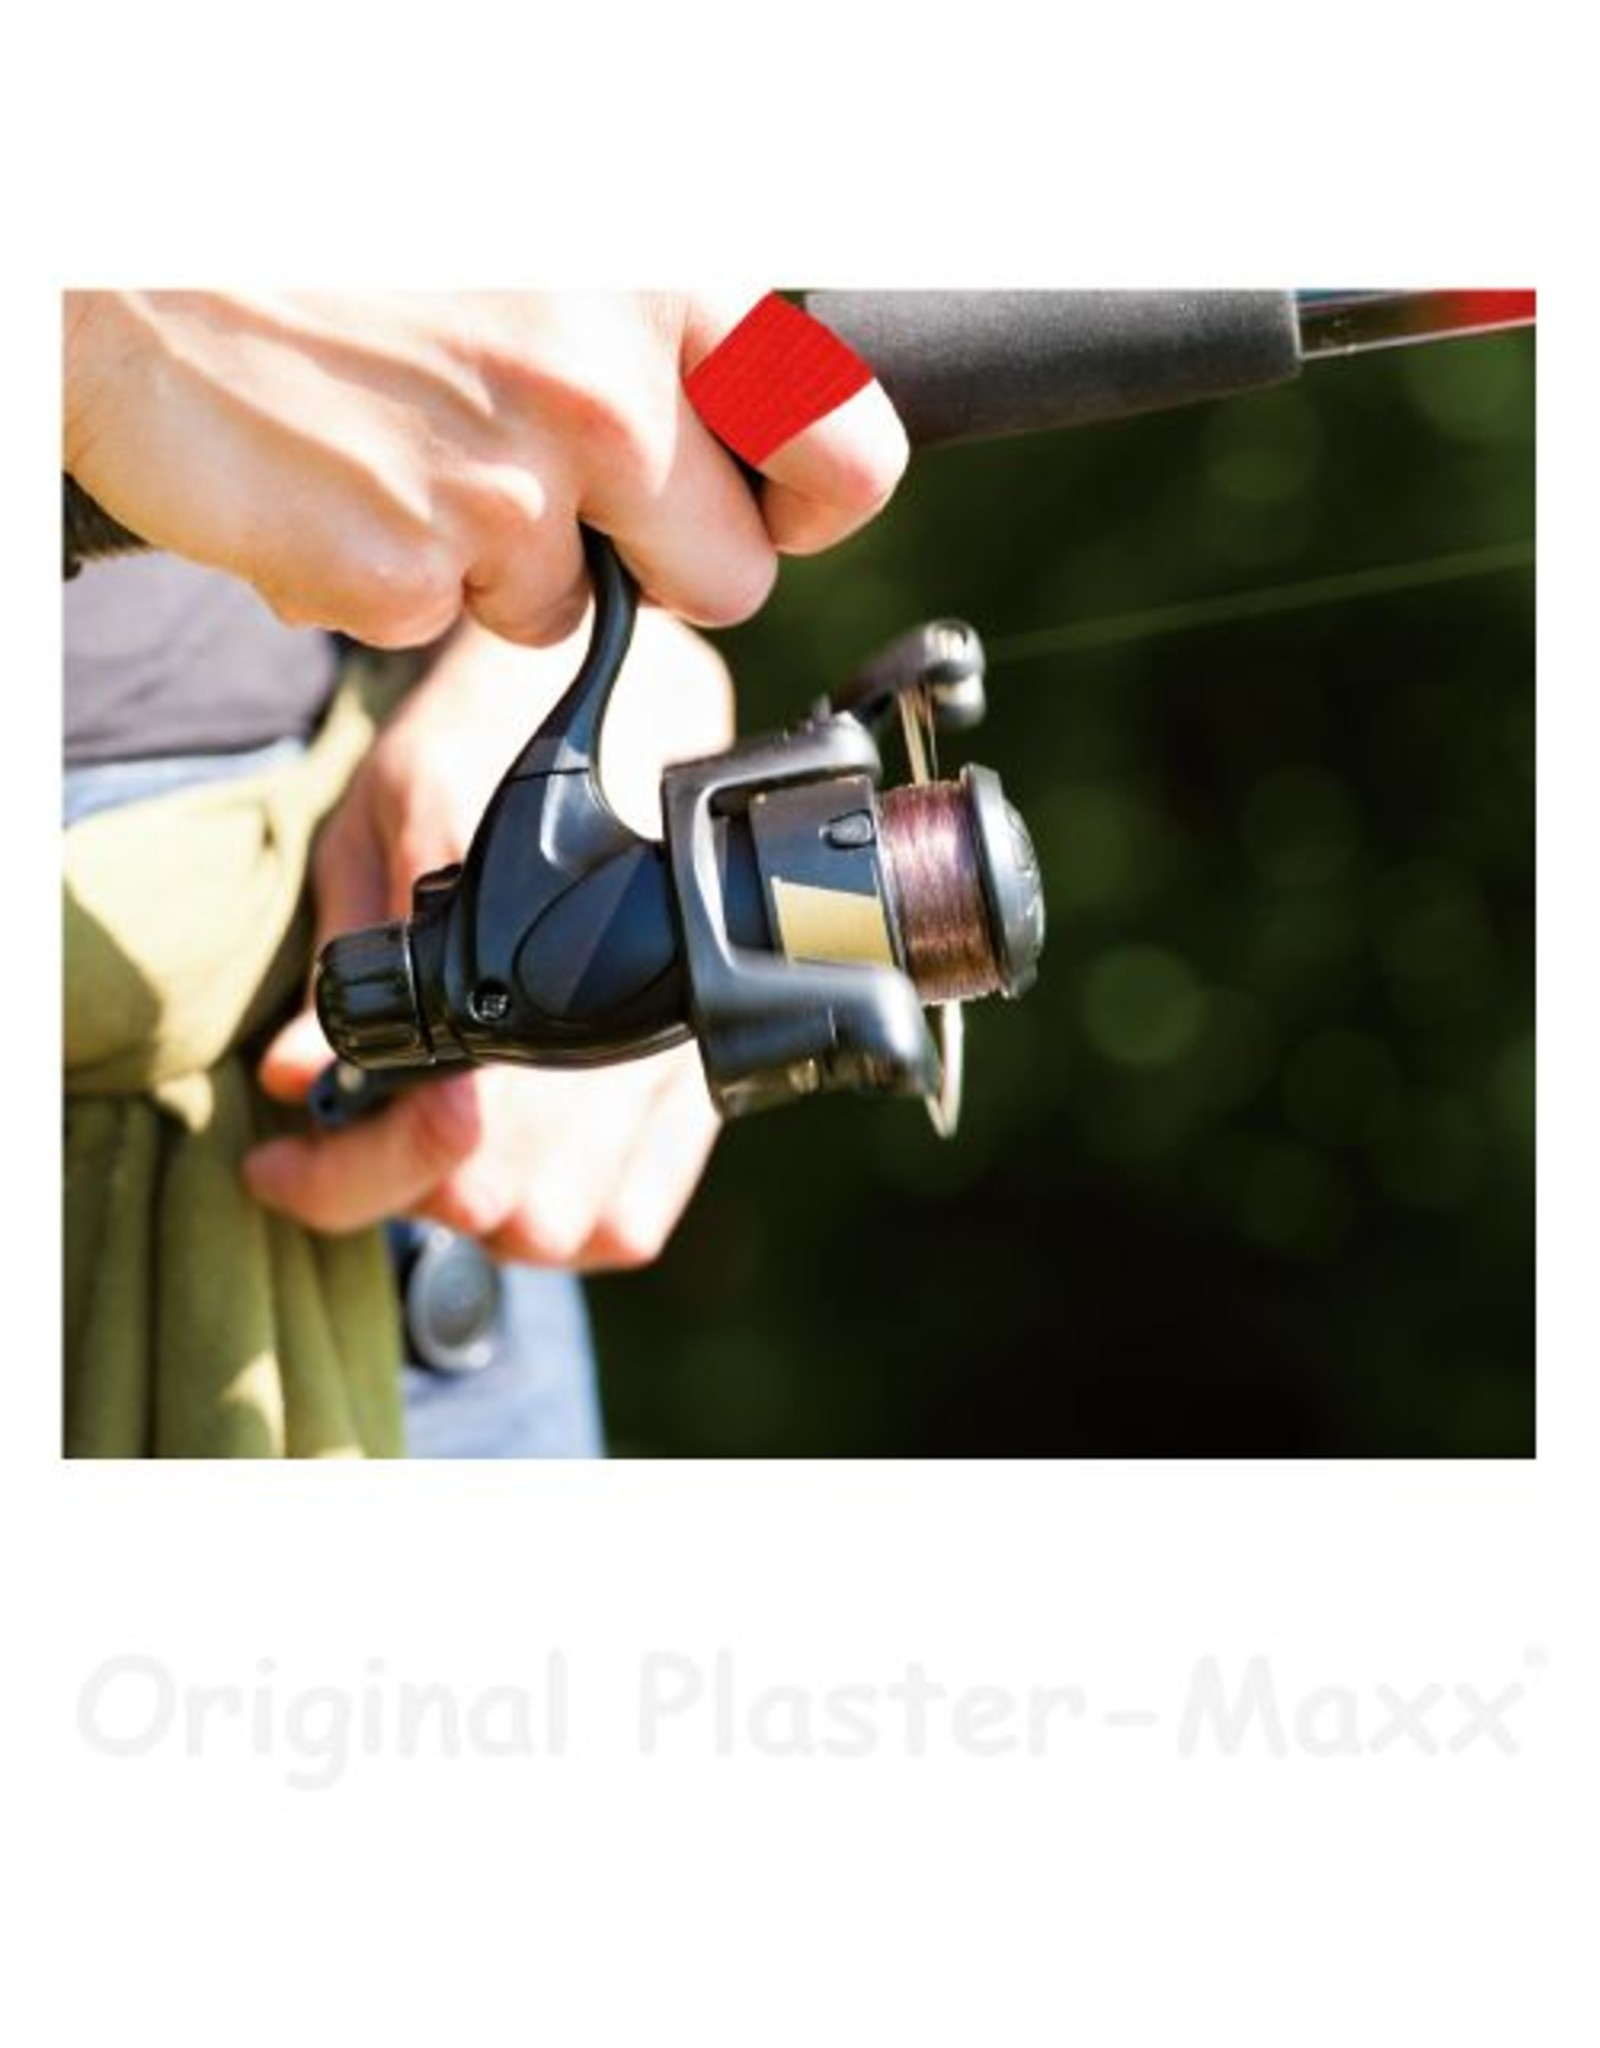 Plaster-Maxx Plaster-Maxx - Valueset 2xSkin, 1xRed